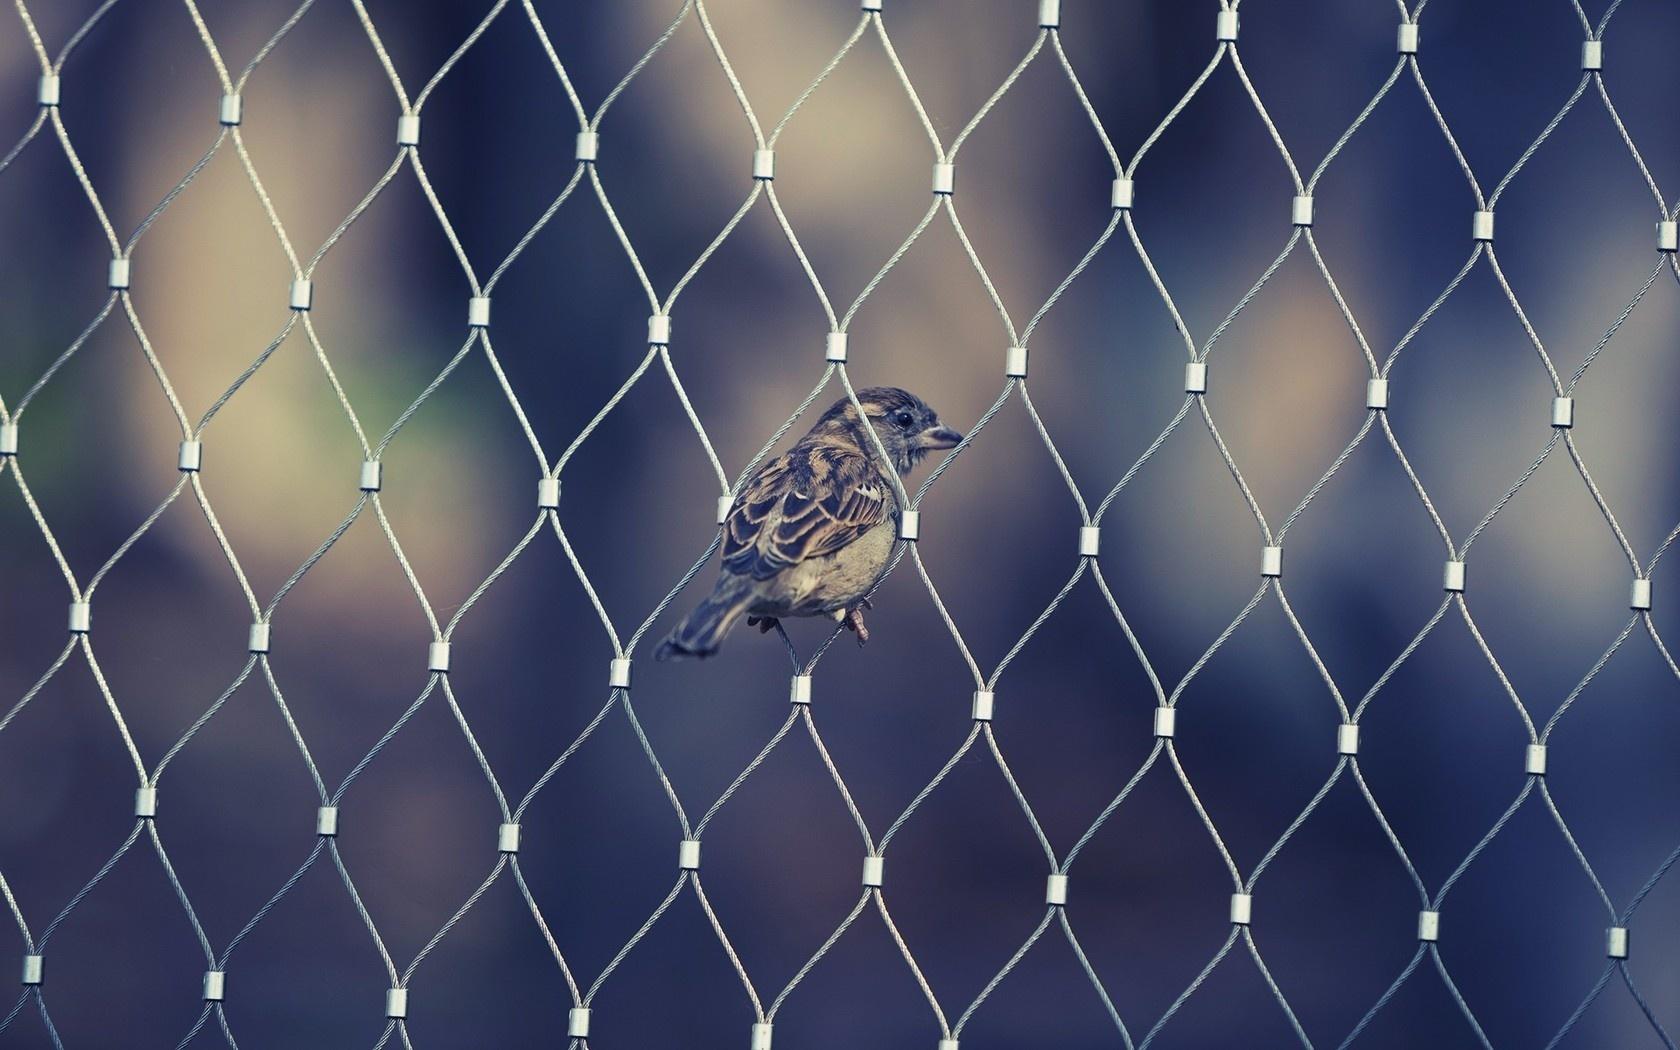 Крылья животные птица клюв воробей